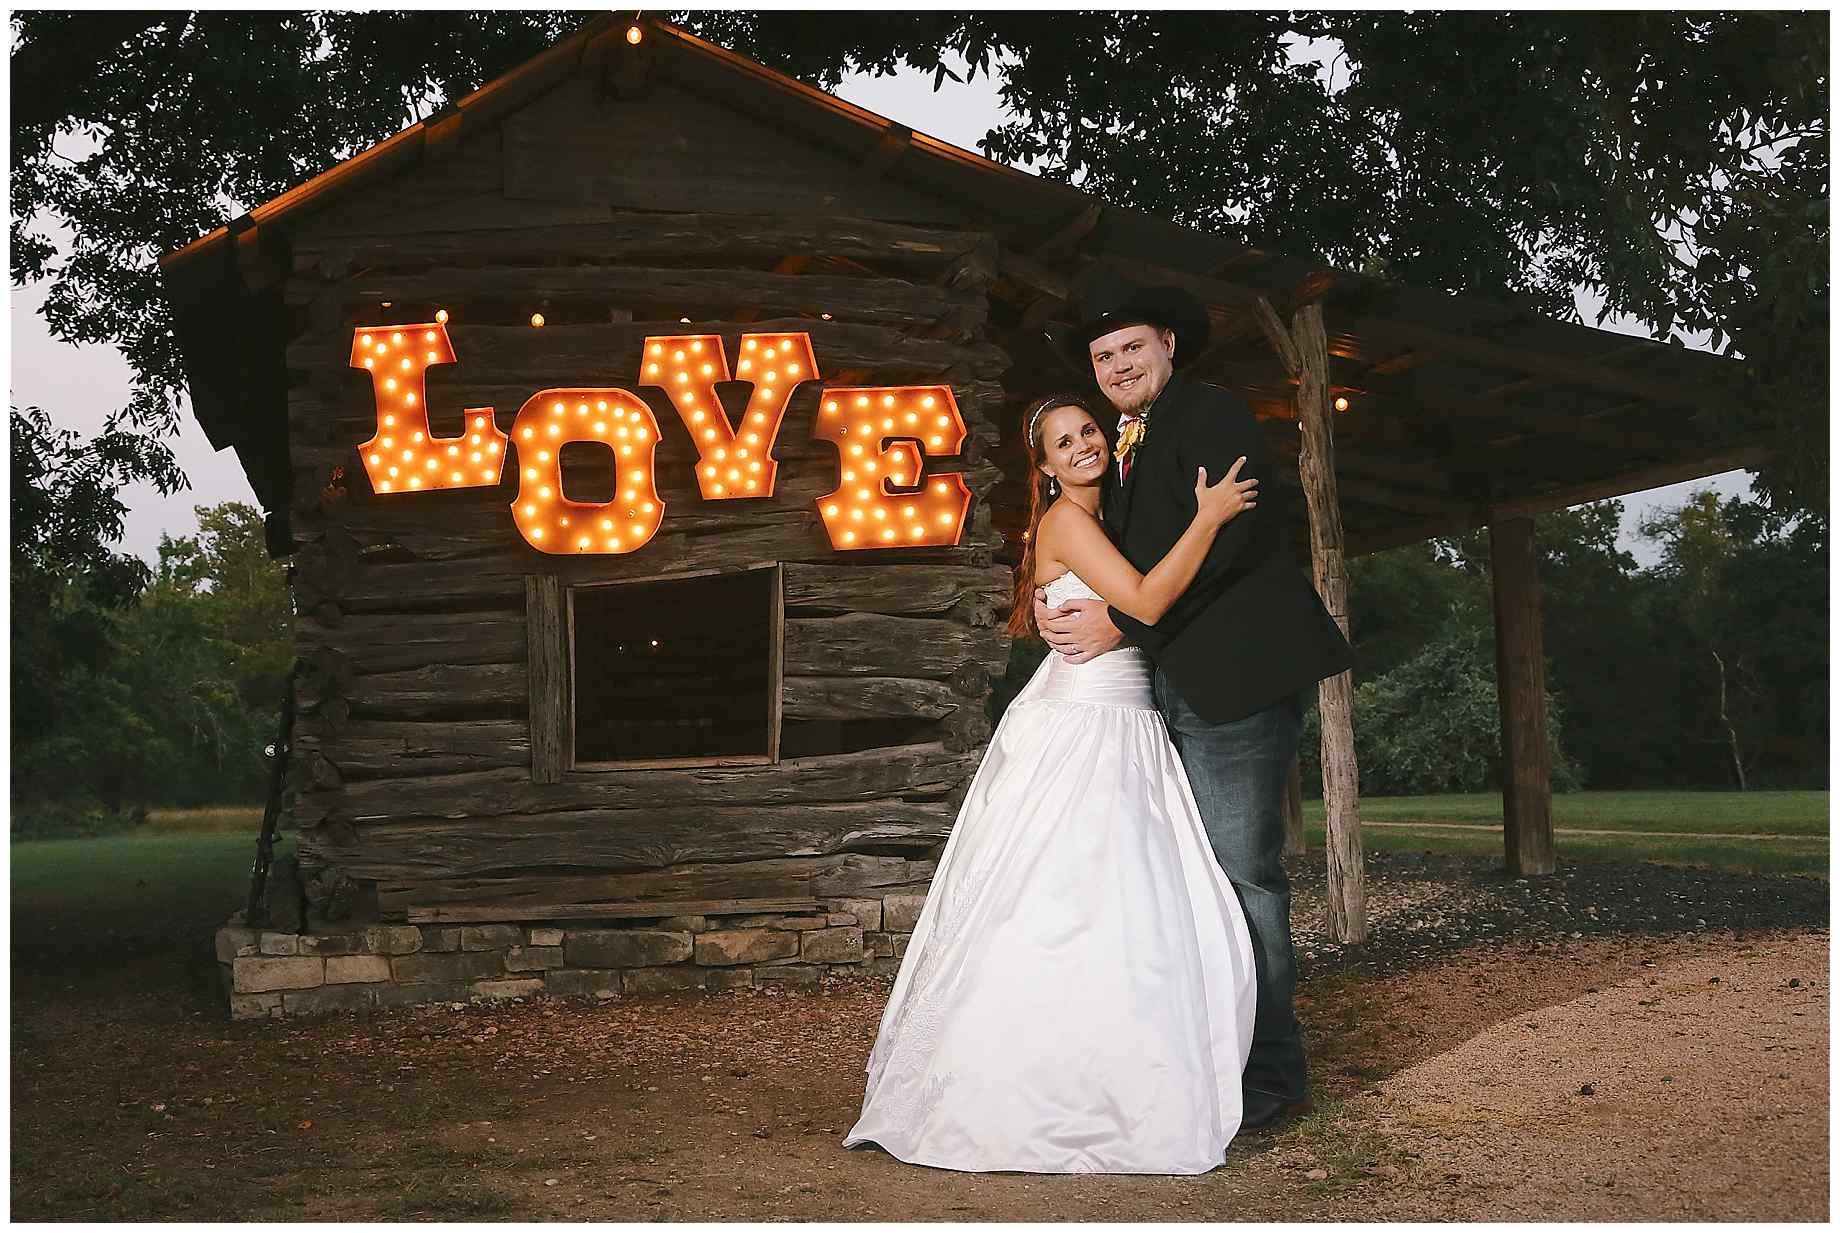 top-10-wedding-photos-of-2015-005